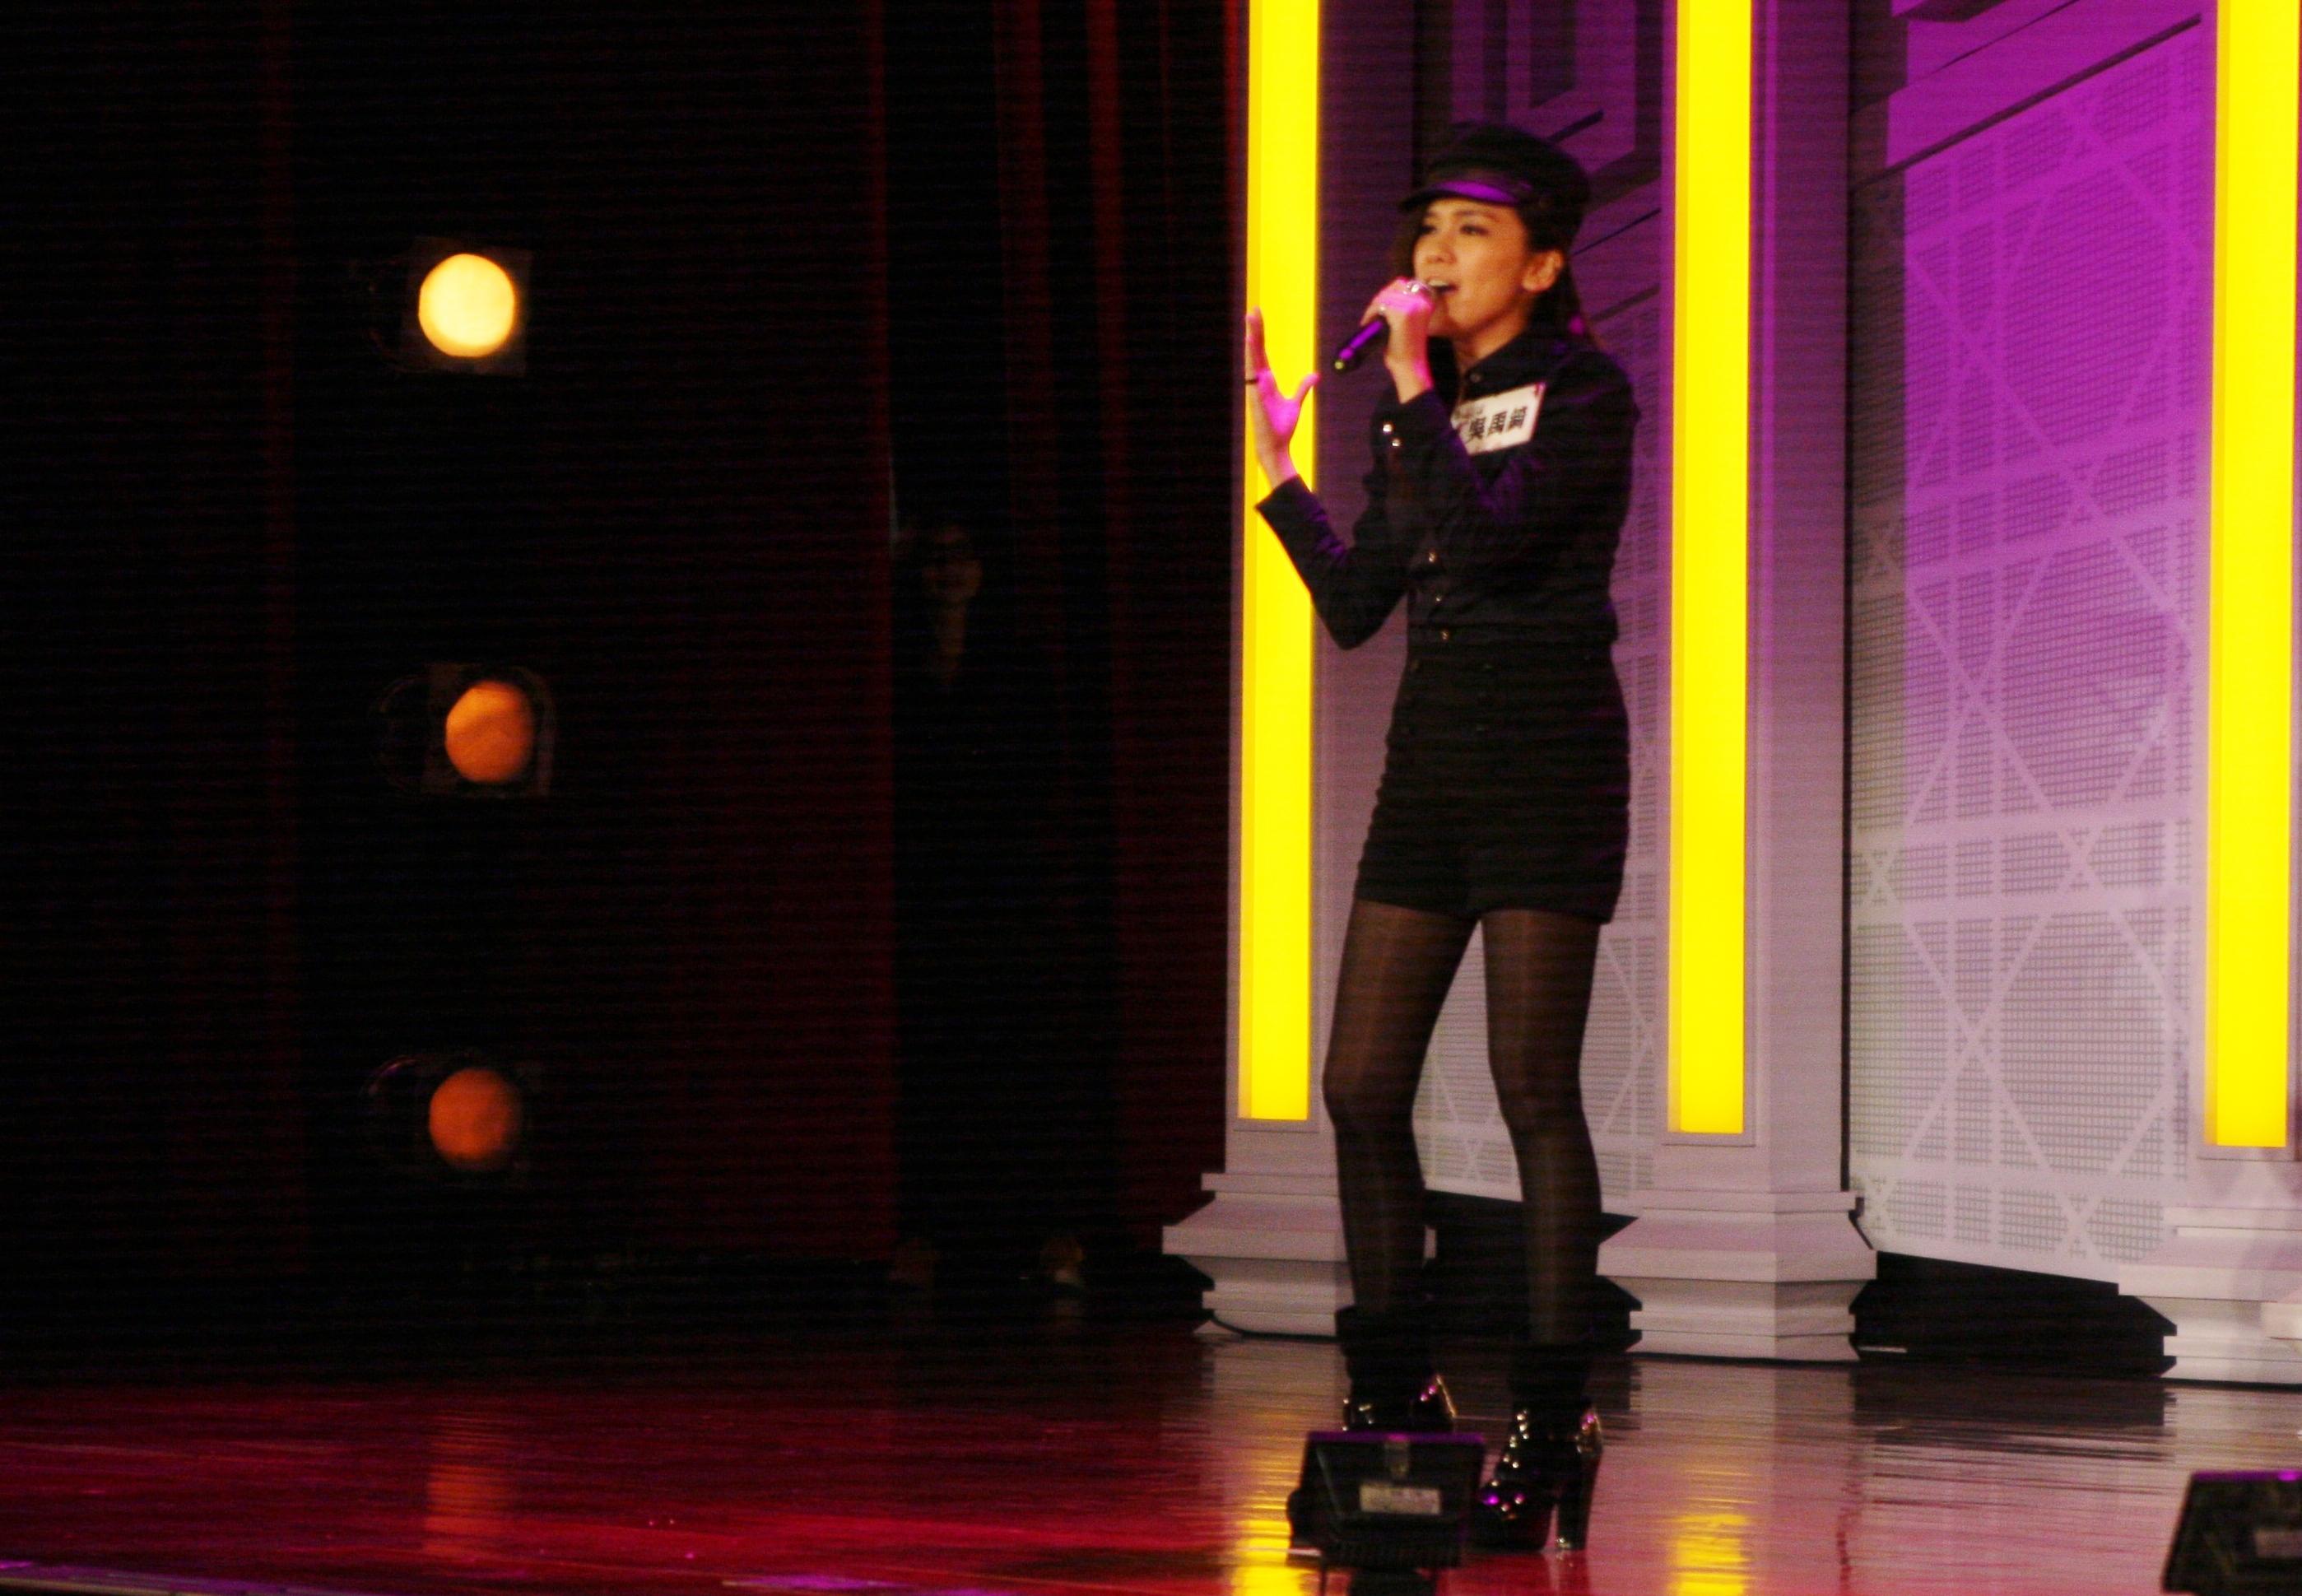 2012馬來西亞Popstar歌唱比賽季軍吳禹錡表演充滿專業水準